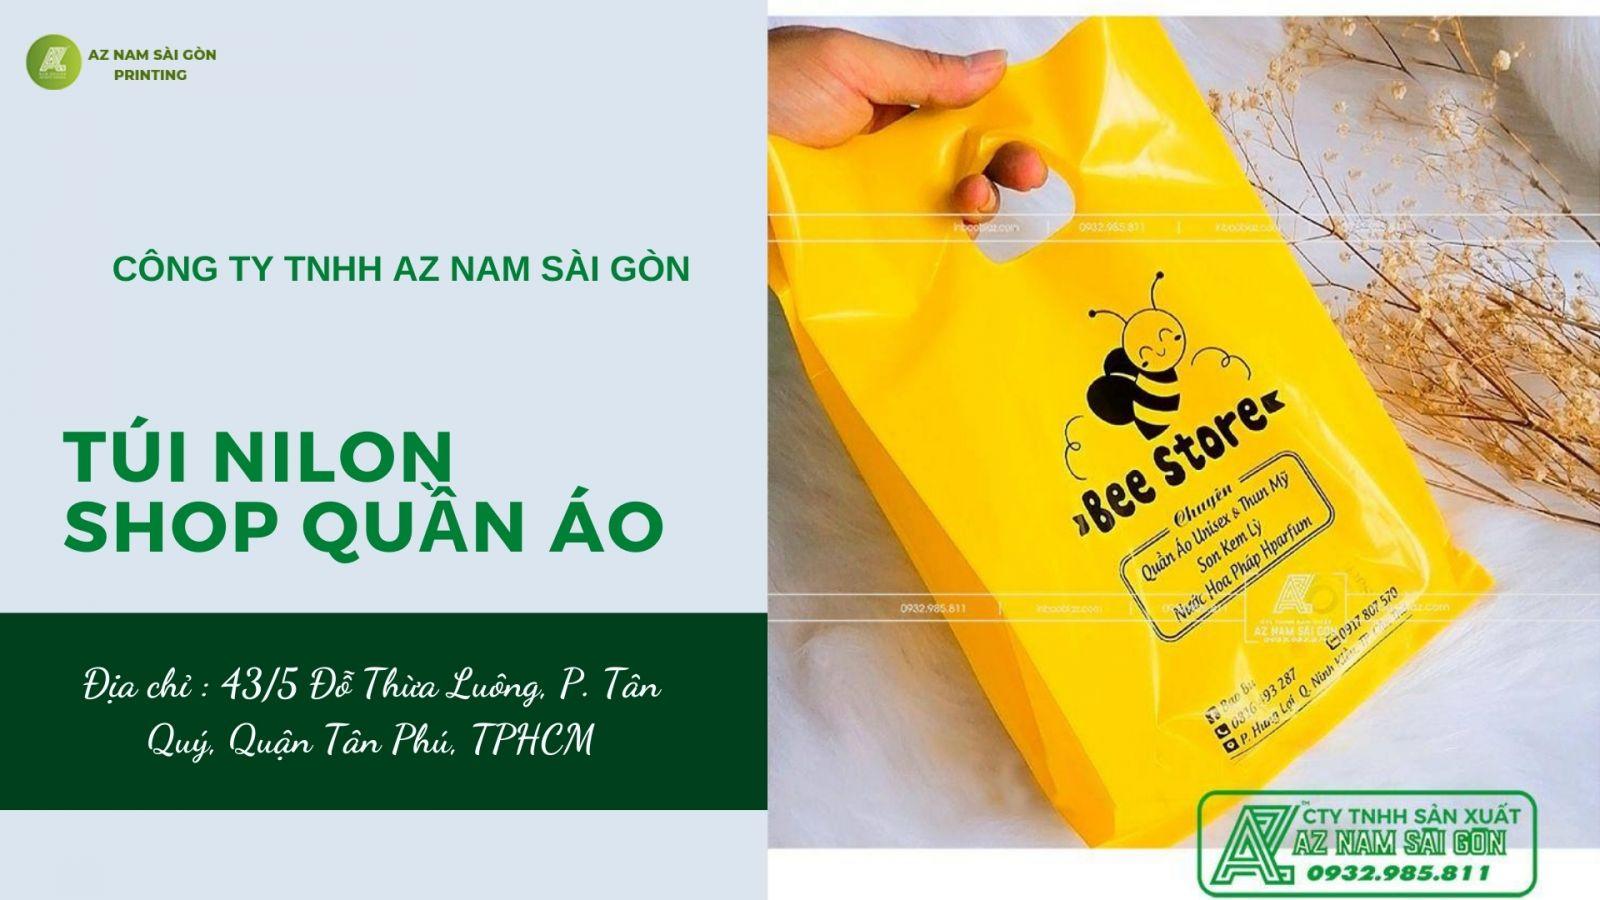 xưởng in AZ Nam Sài Gòn